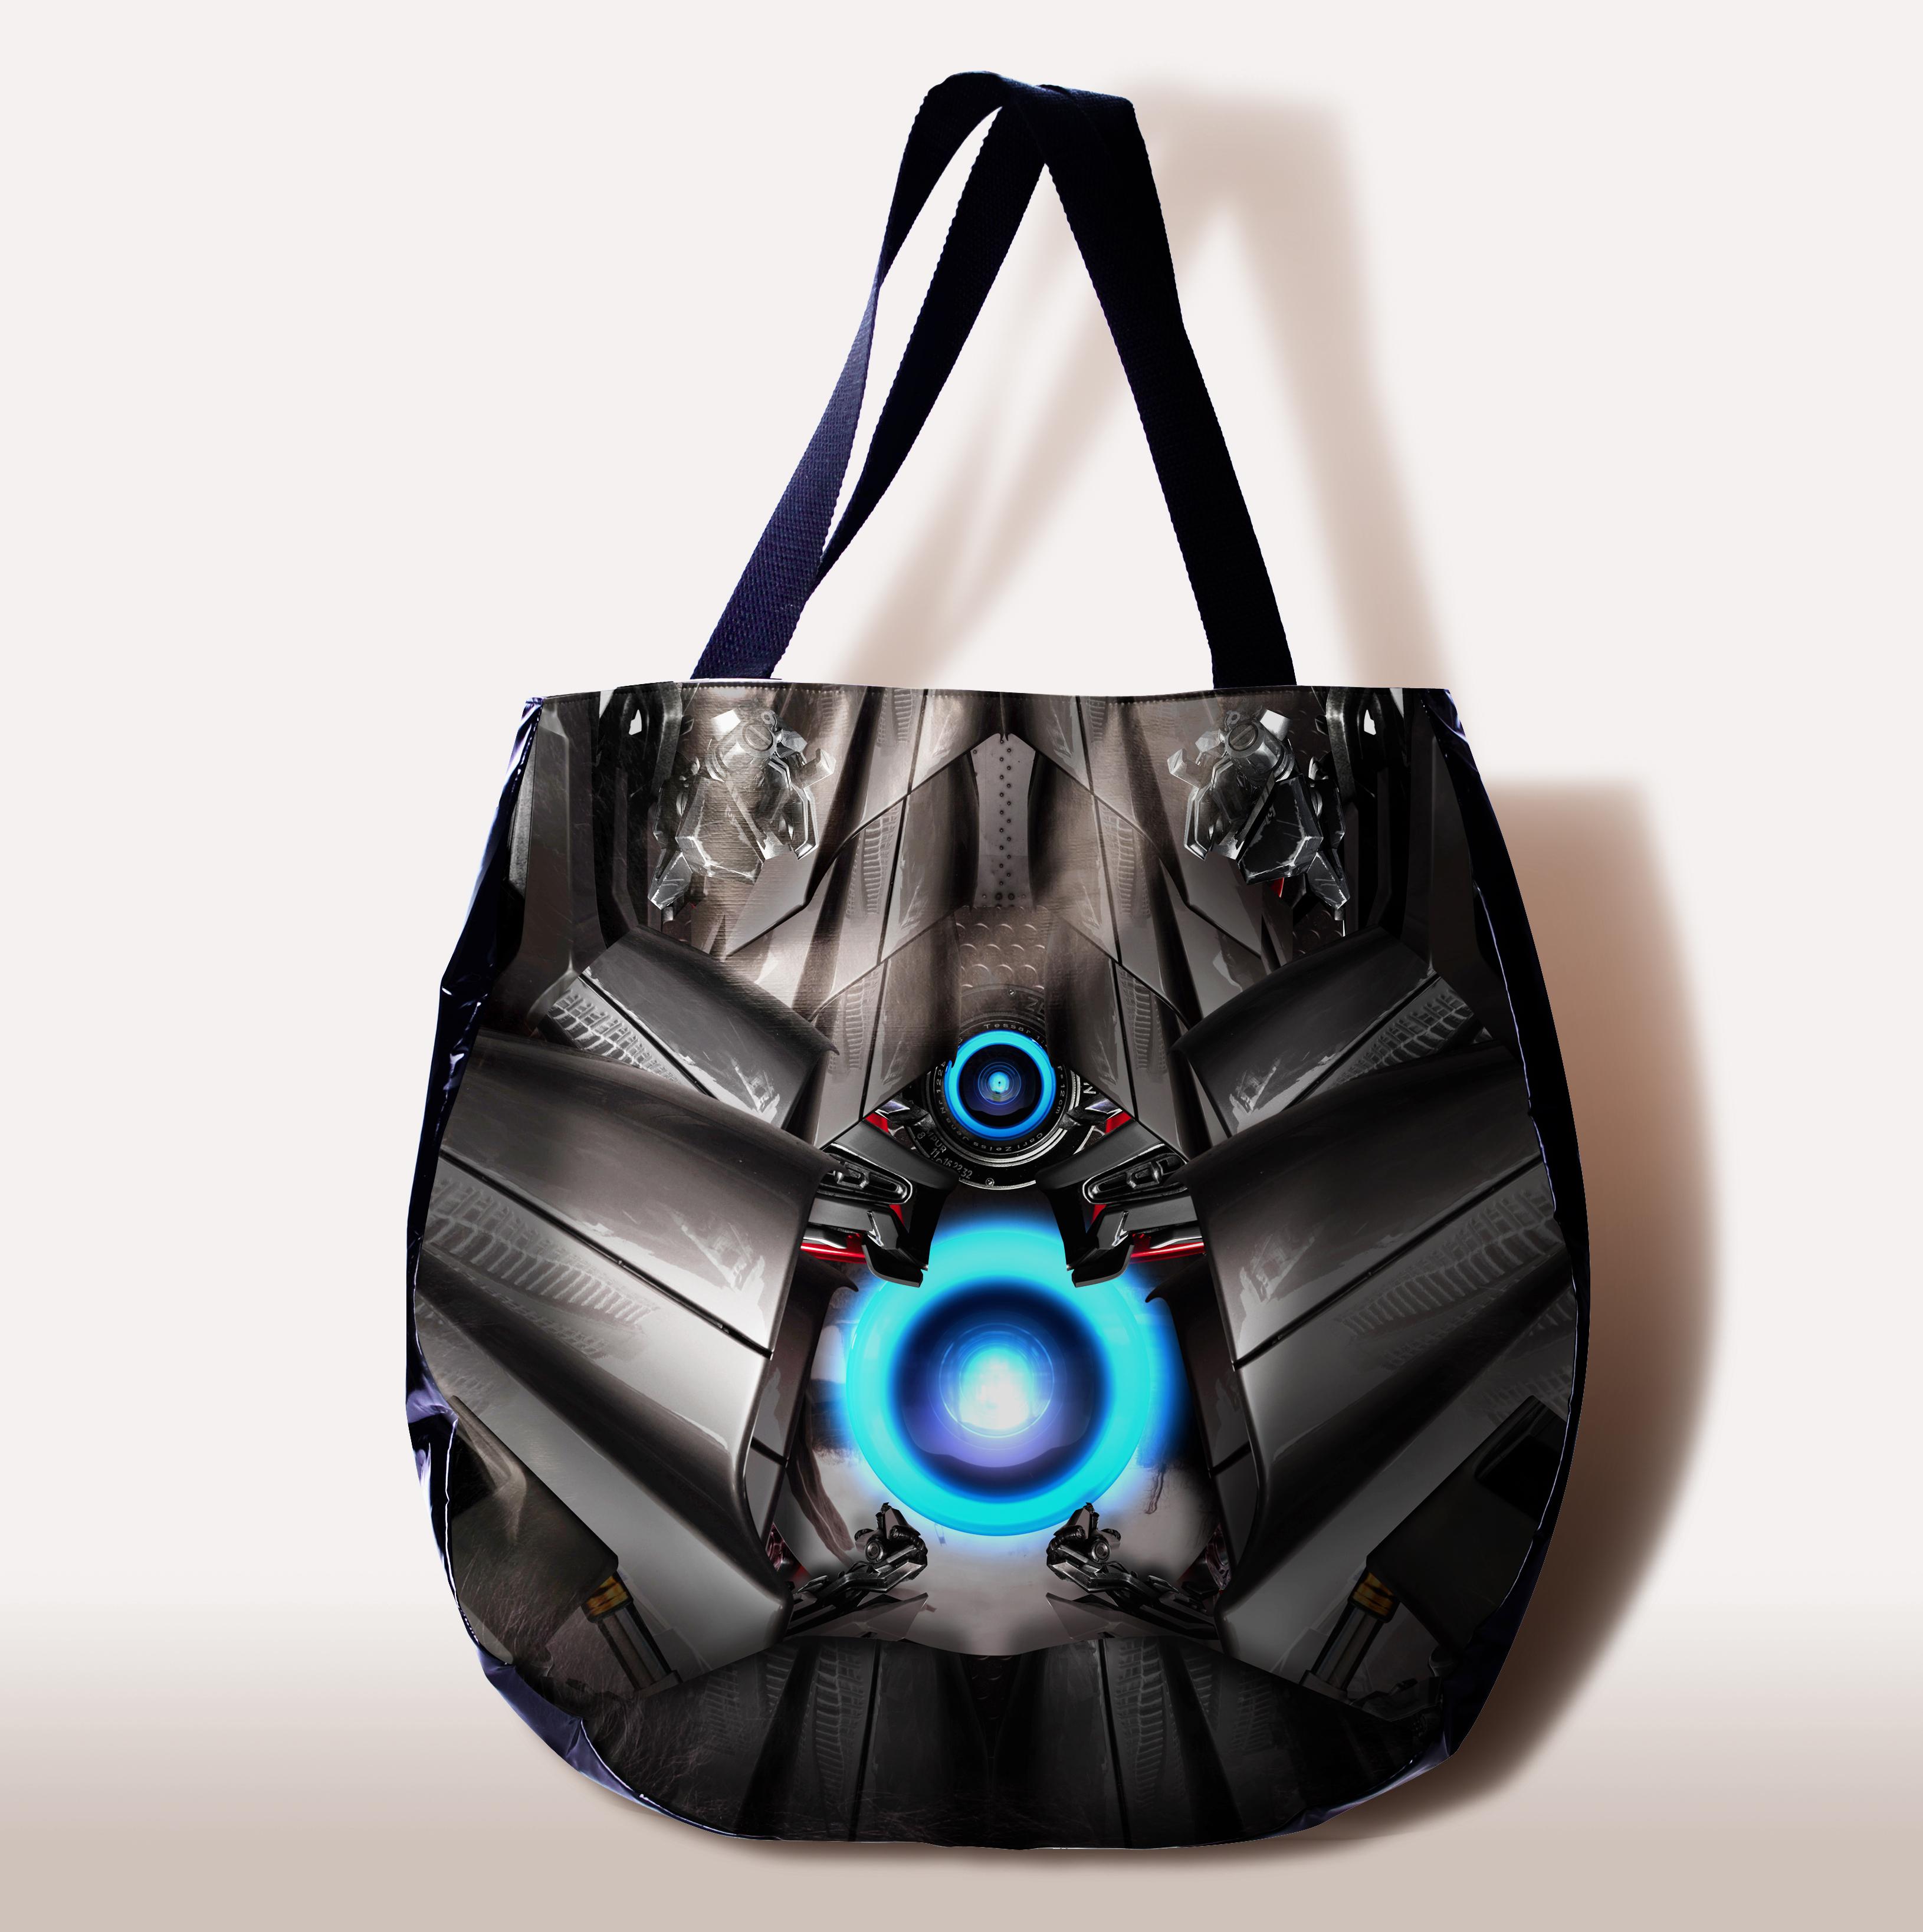 IRONMAN black bag